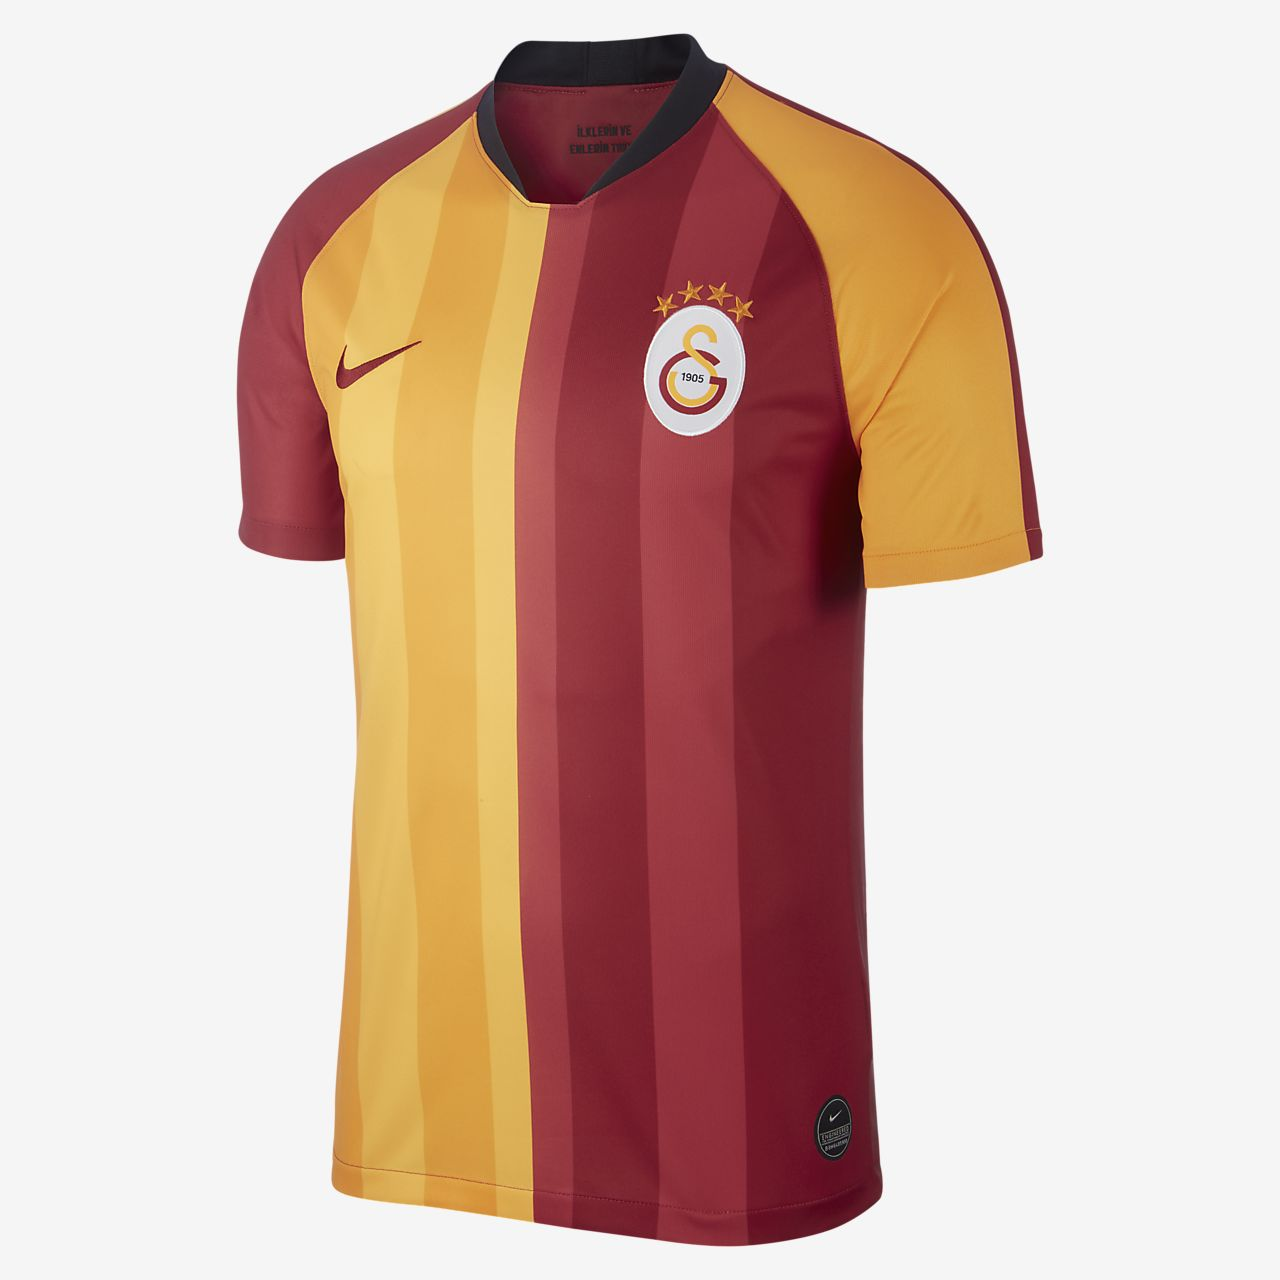 Ανδρική ποδοσφαιρική φανέλα Galatasaray 2019/20 Stadium Home